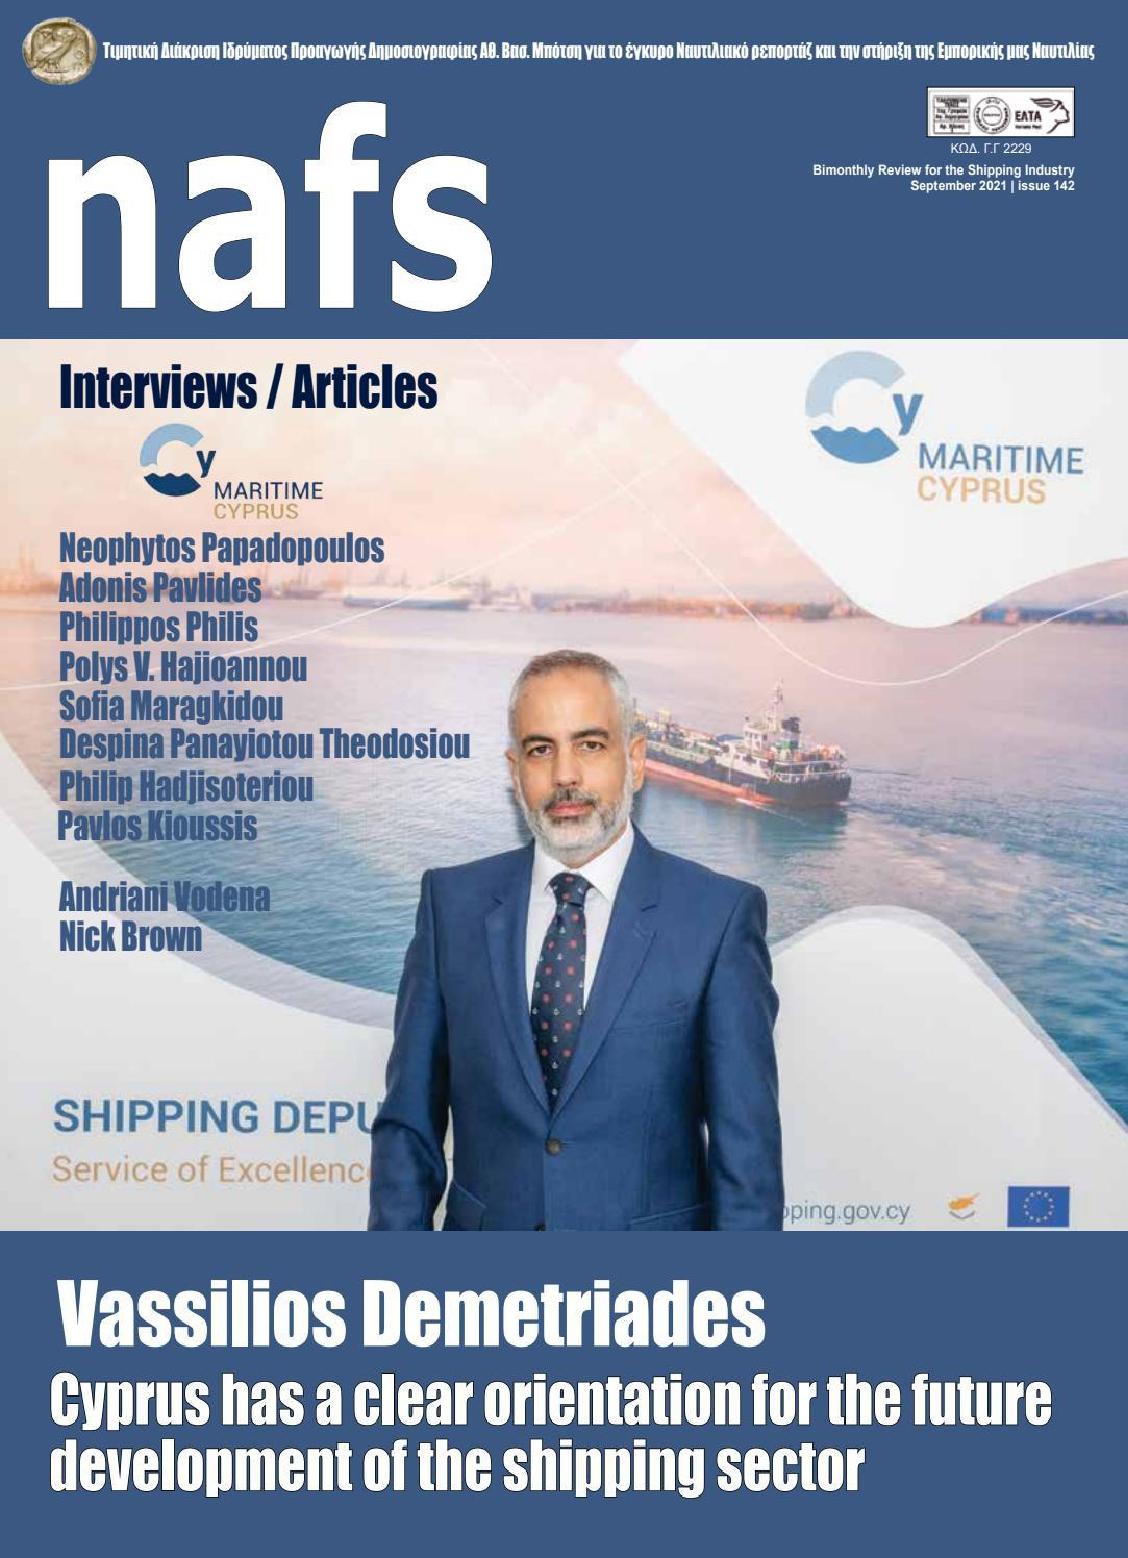 Πρωτοσέλιδο του εντύπου «NAFS» που δημοσιεύτηκε στις 01/09/2021